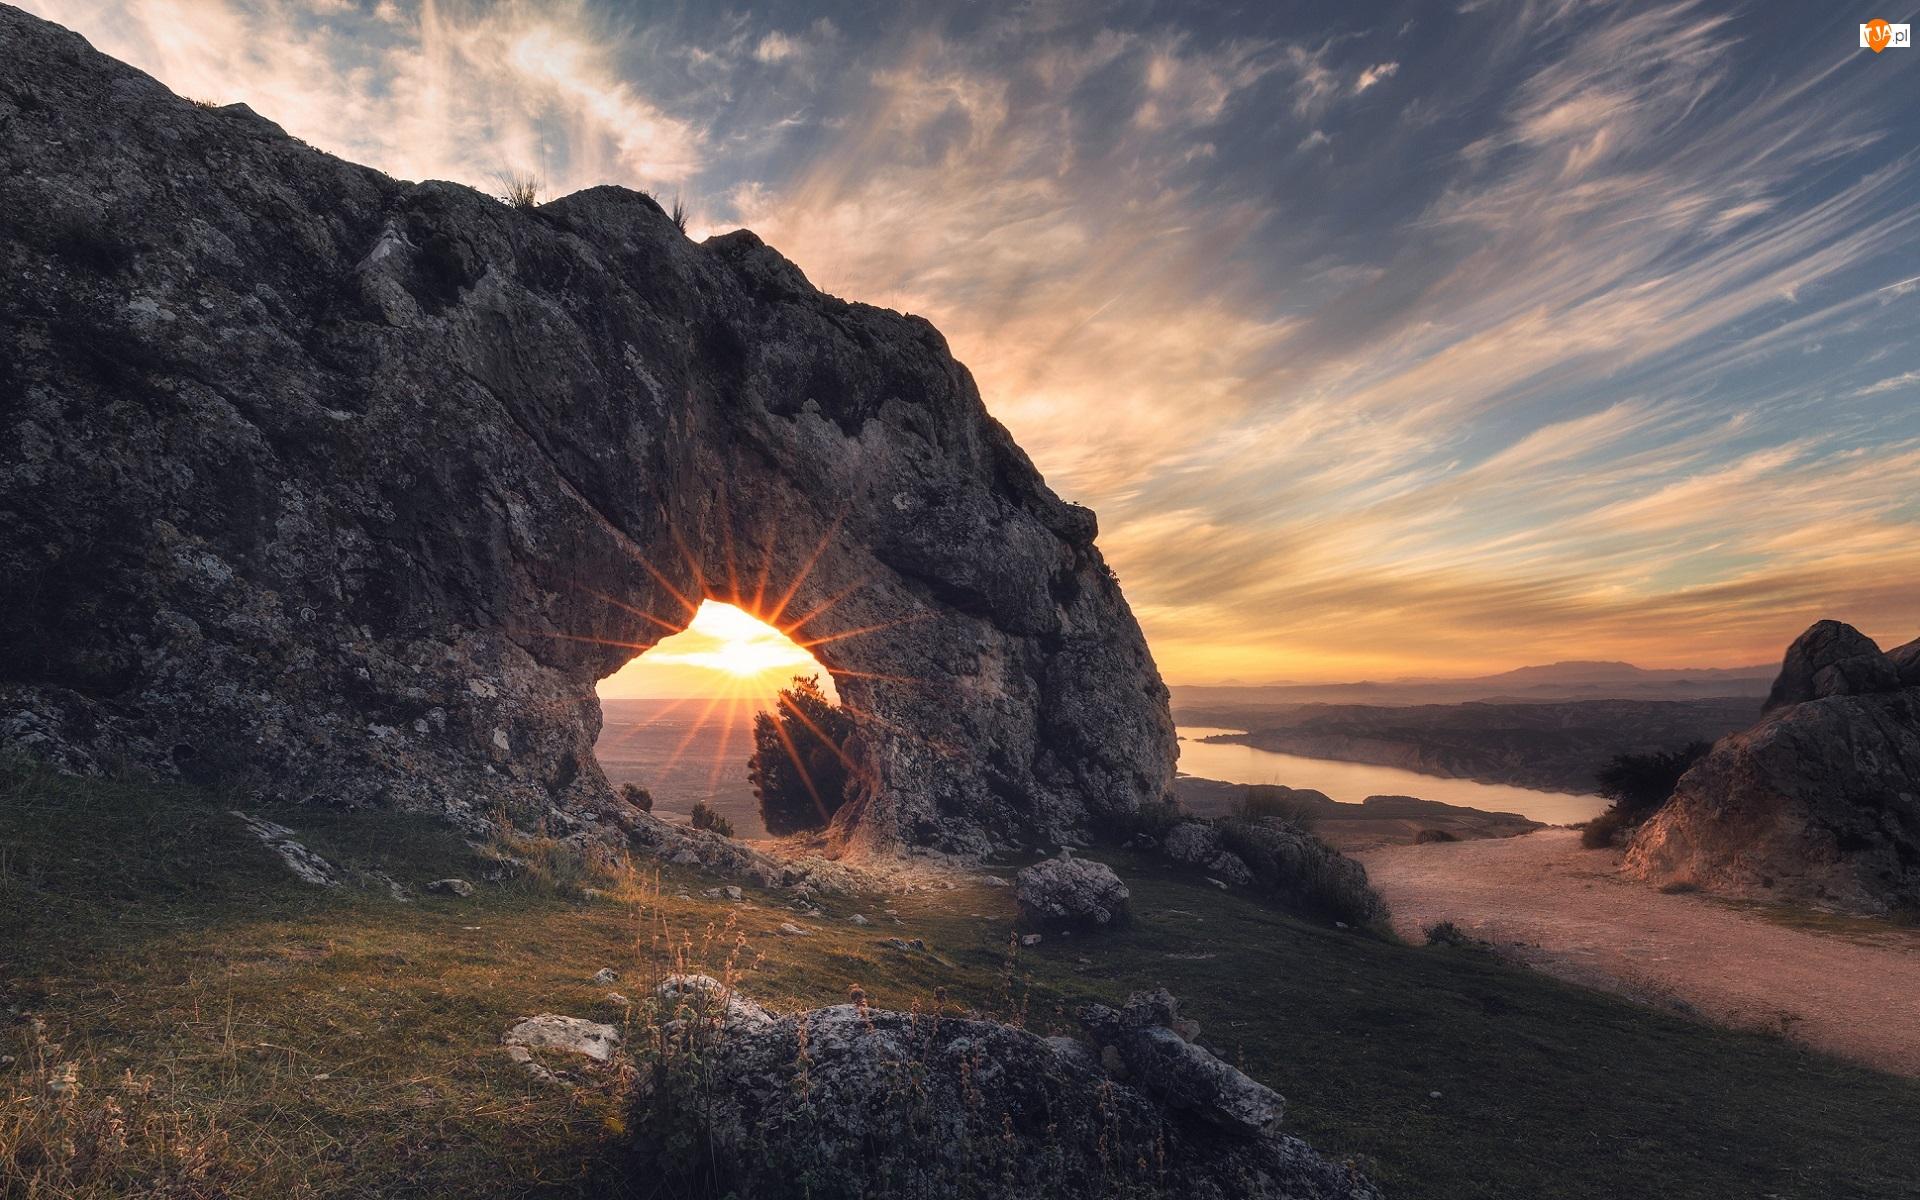 Ojo De La Heredad, Zachód słońca, Rzeka, Grenada, Skała, Taras widokowy, Hiszpania, Łuk skalny